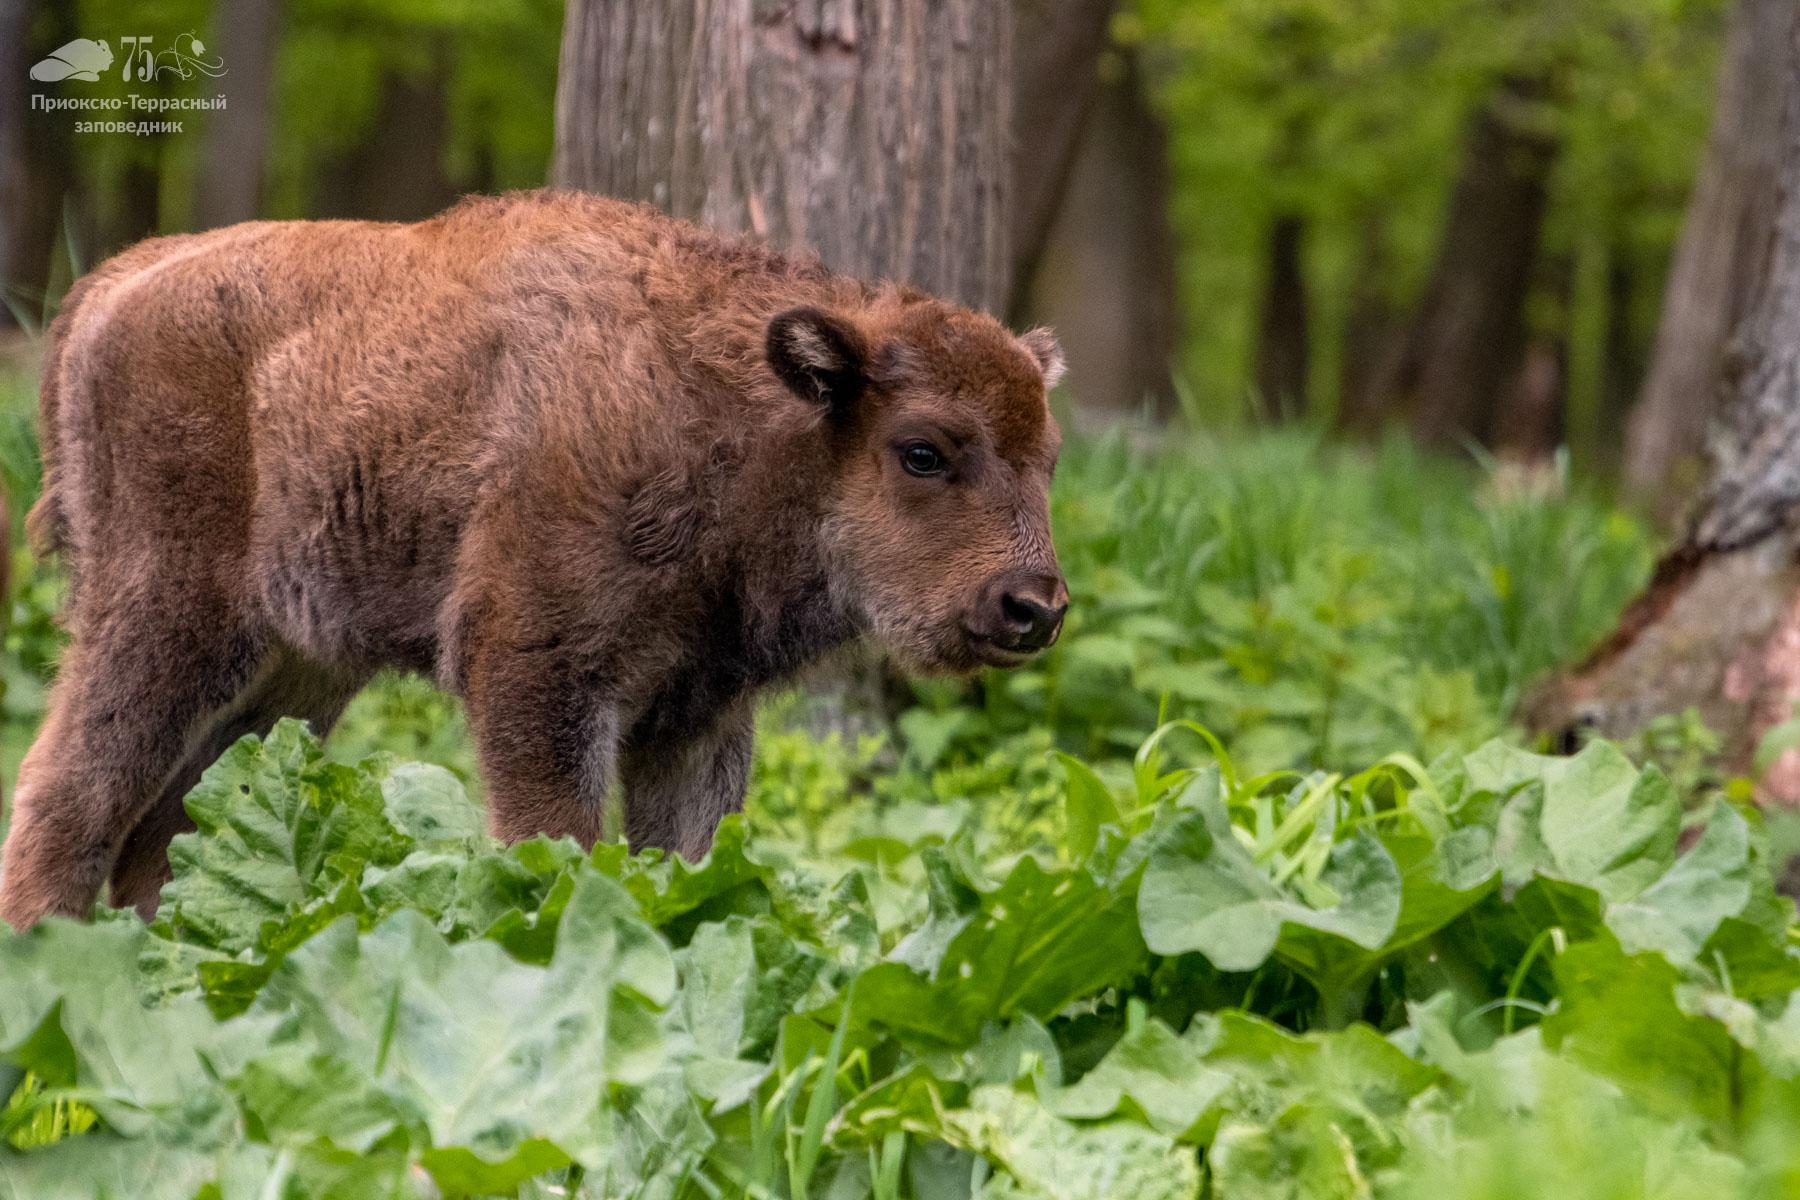 Отличная новость для любителей животных – зубров кормить разрешается! - фото 3